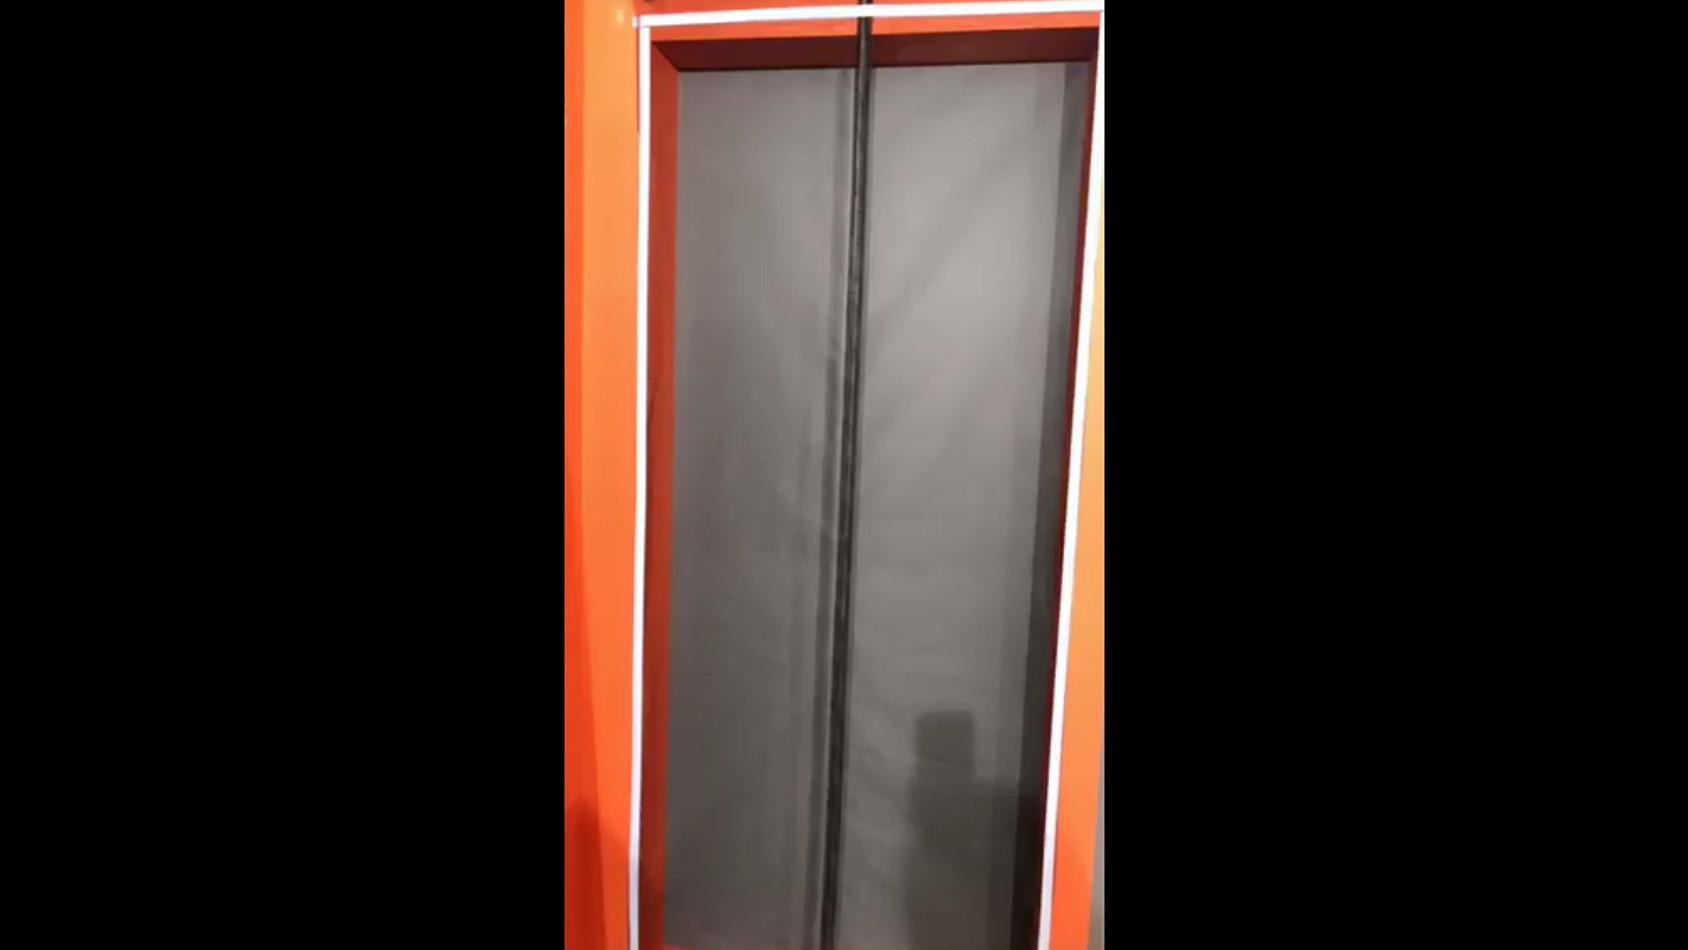 Magnetic curtain door